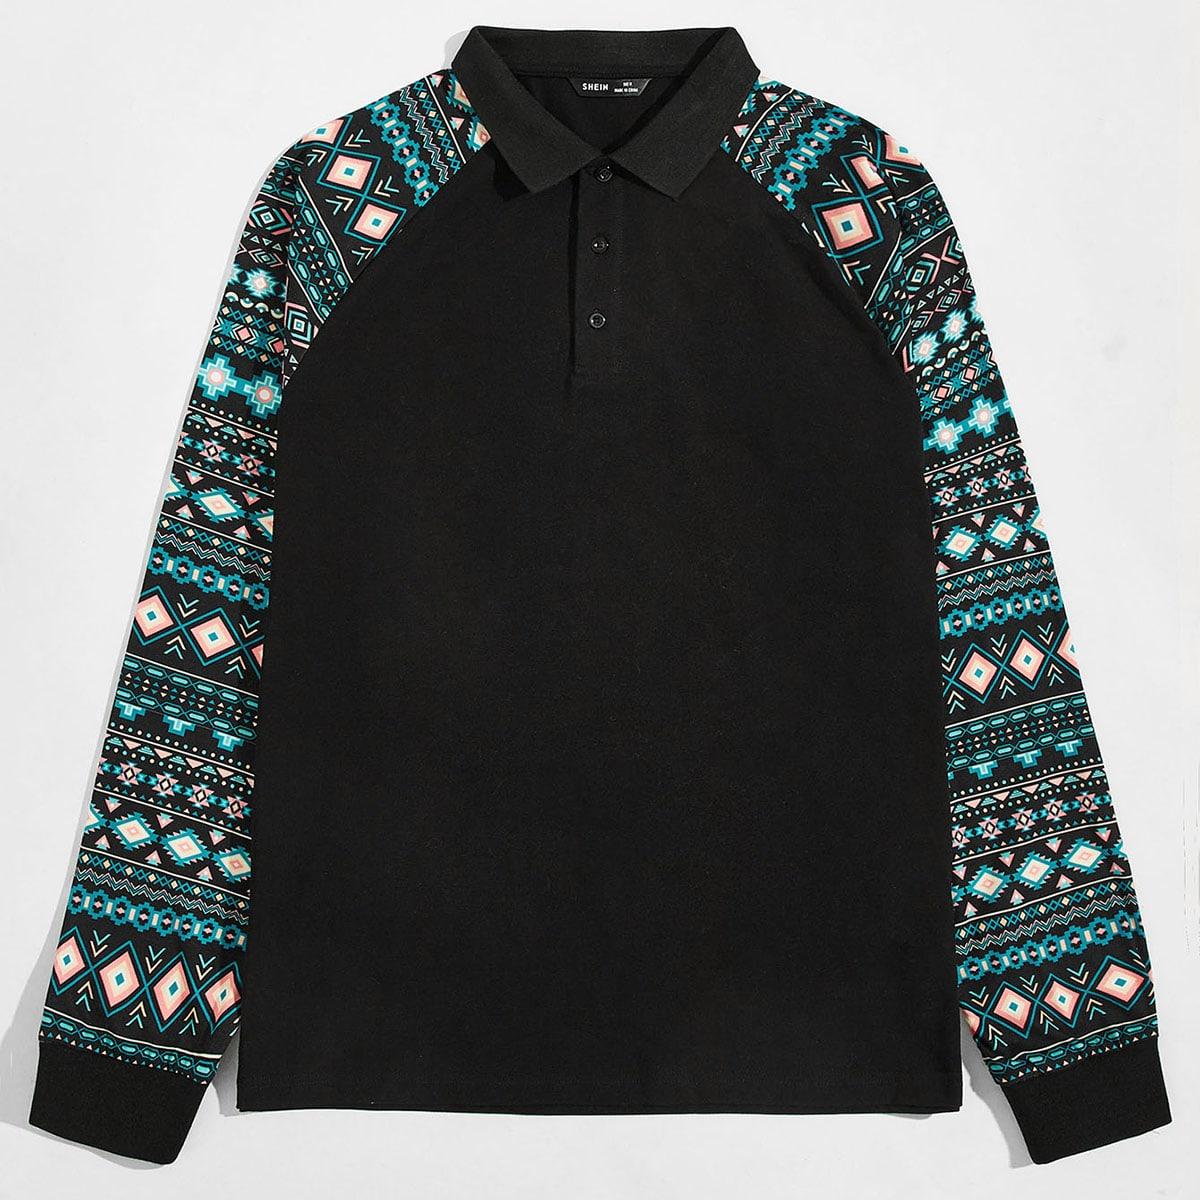 Мужская рубашка-поло с геометрическим принтом